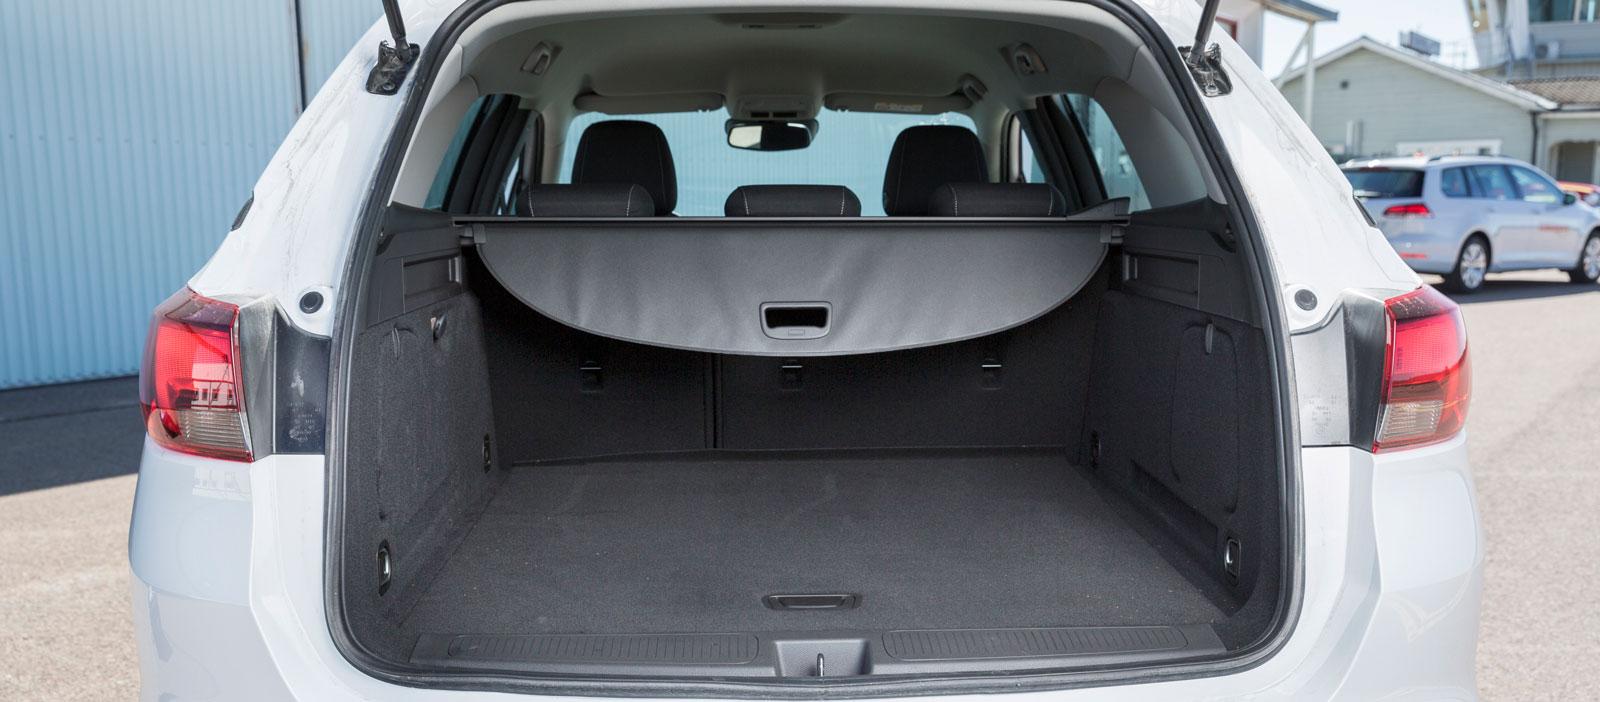 Opel är testets näst bästa drickabacksslukare. Men insynsskyddet är sladdrigt och lastutrymmet påvert inrett. Här finns varken kasskrokar, 12 V-uttag, sidofack eller fällning bakifrån och under lastgolvet lyser det av naken plåt. Enbart ryggstöden är fällbara (60/40) och lastgolvet blir inte helt slätt.